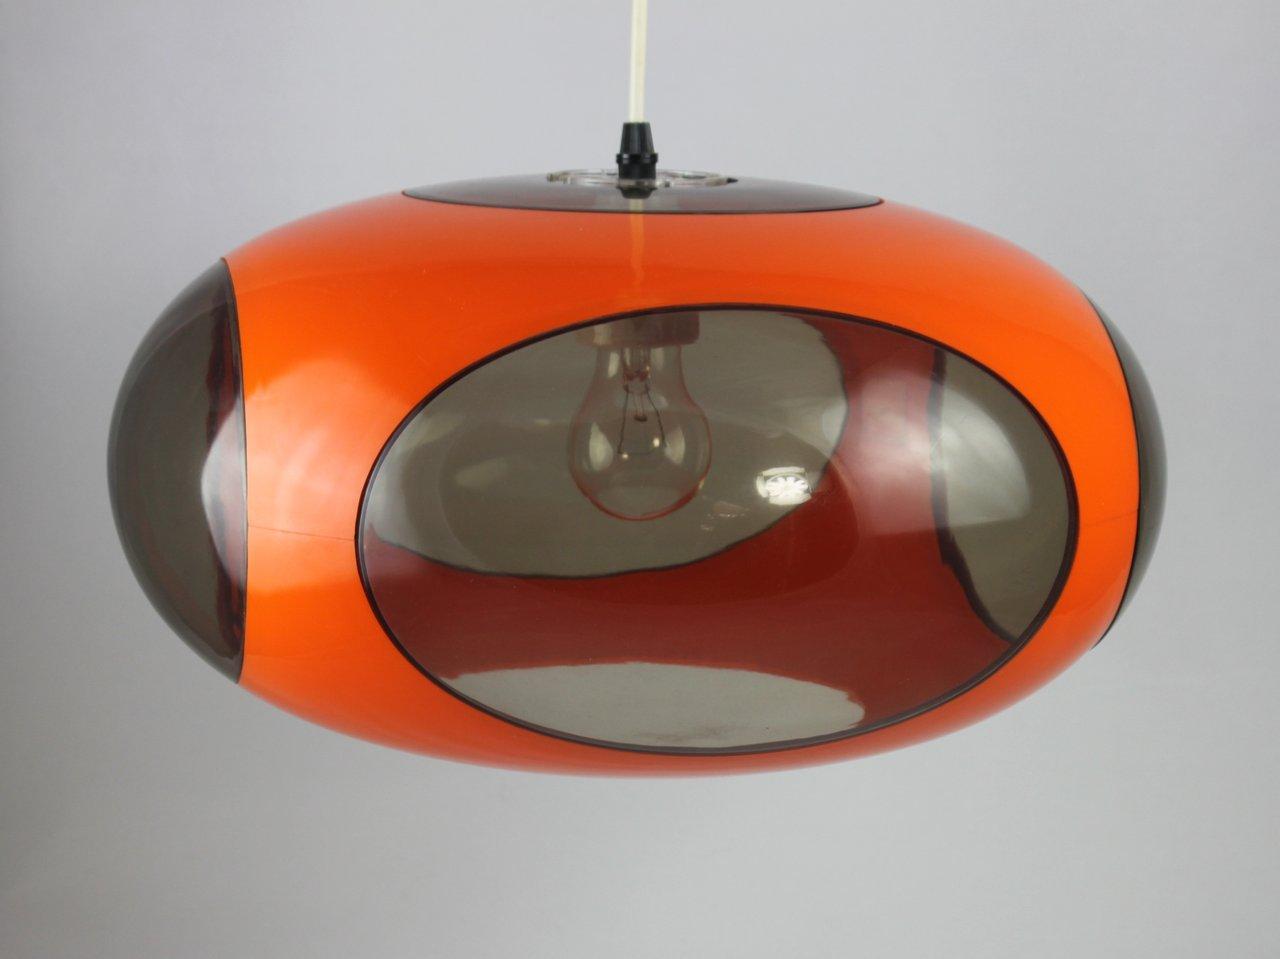 Original 70er Jahre Ufo Lampe - LUIGI COLANI - orange